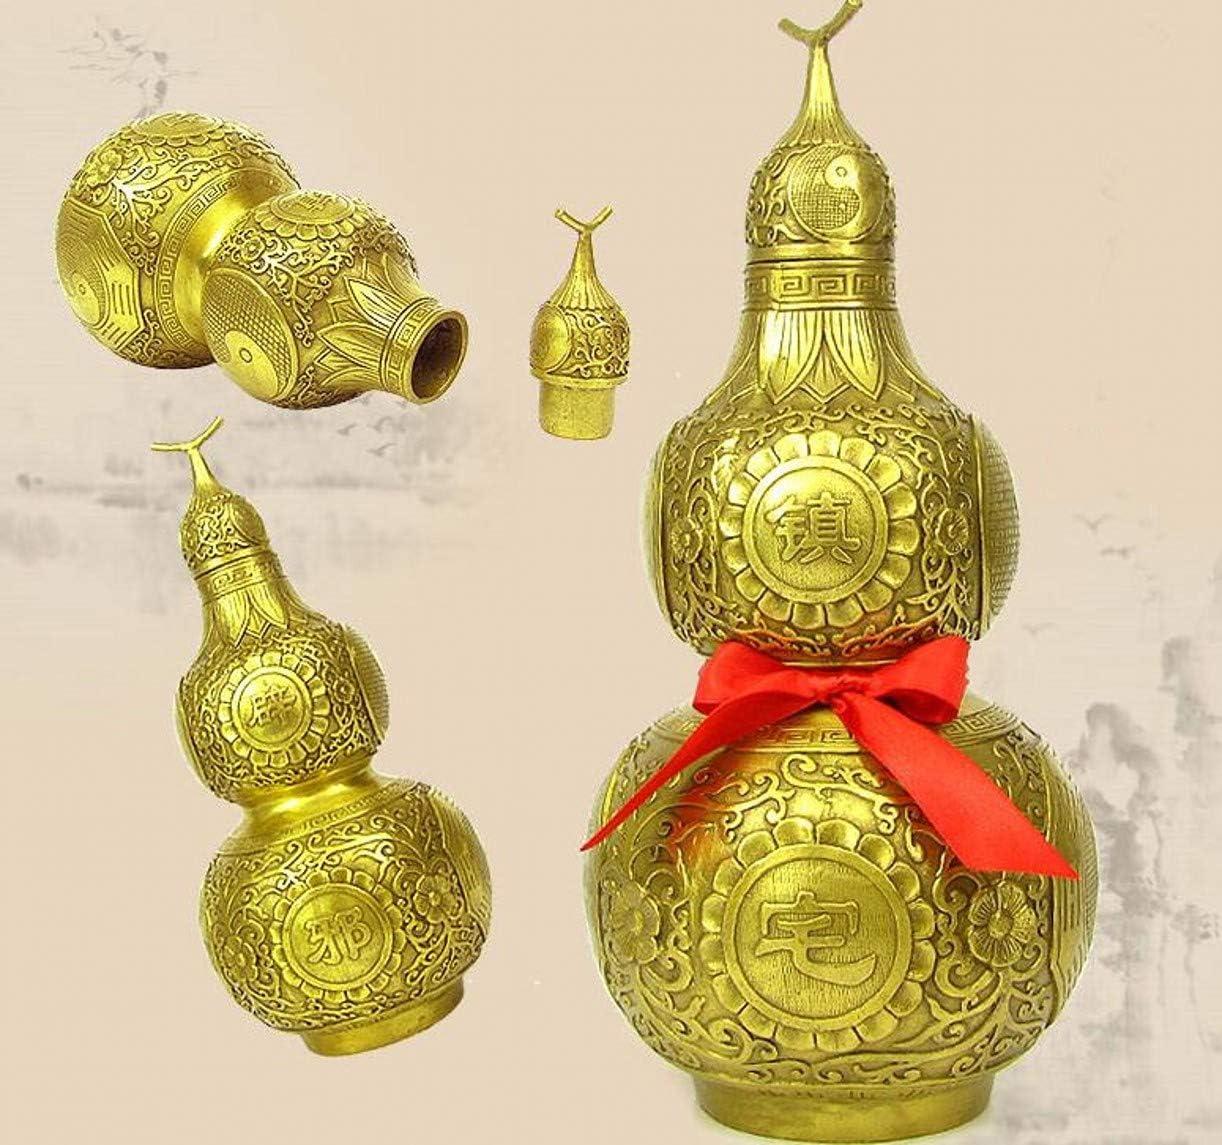 ,Chinese Charm of Prosperity Home Decoration Gift,Feng Shui Decor ZHONGJIUYUAN 1 Piece Feng Shui Brass Good Luck Gourd Wu Lou//Hu Lu